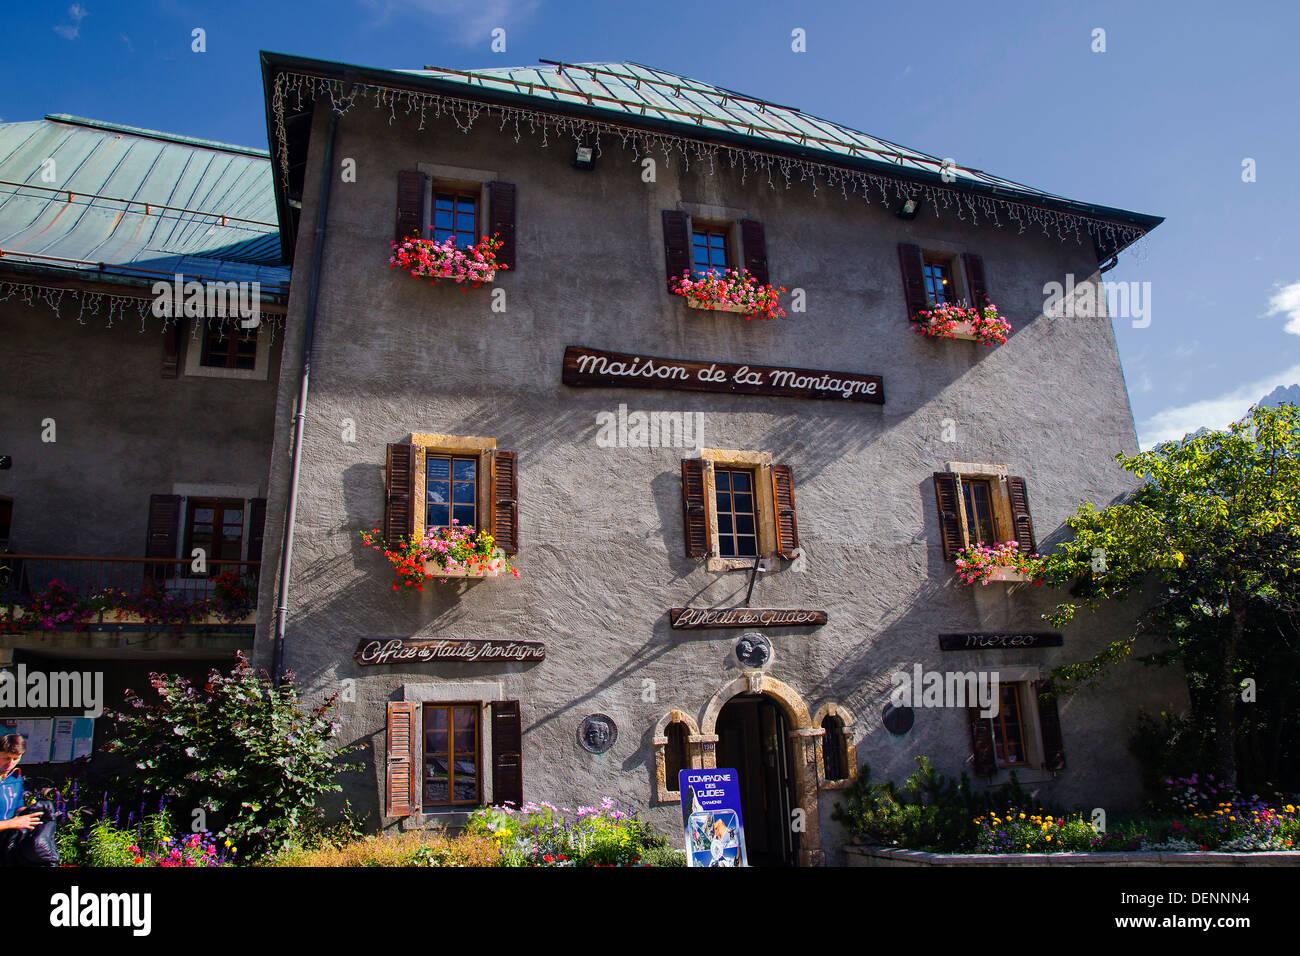 Maison de la montagne, Chamonix, sulle Alpi francesi Immagini Stock